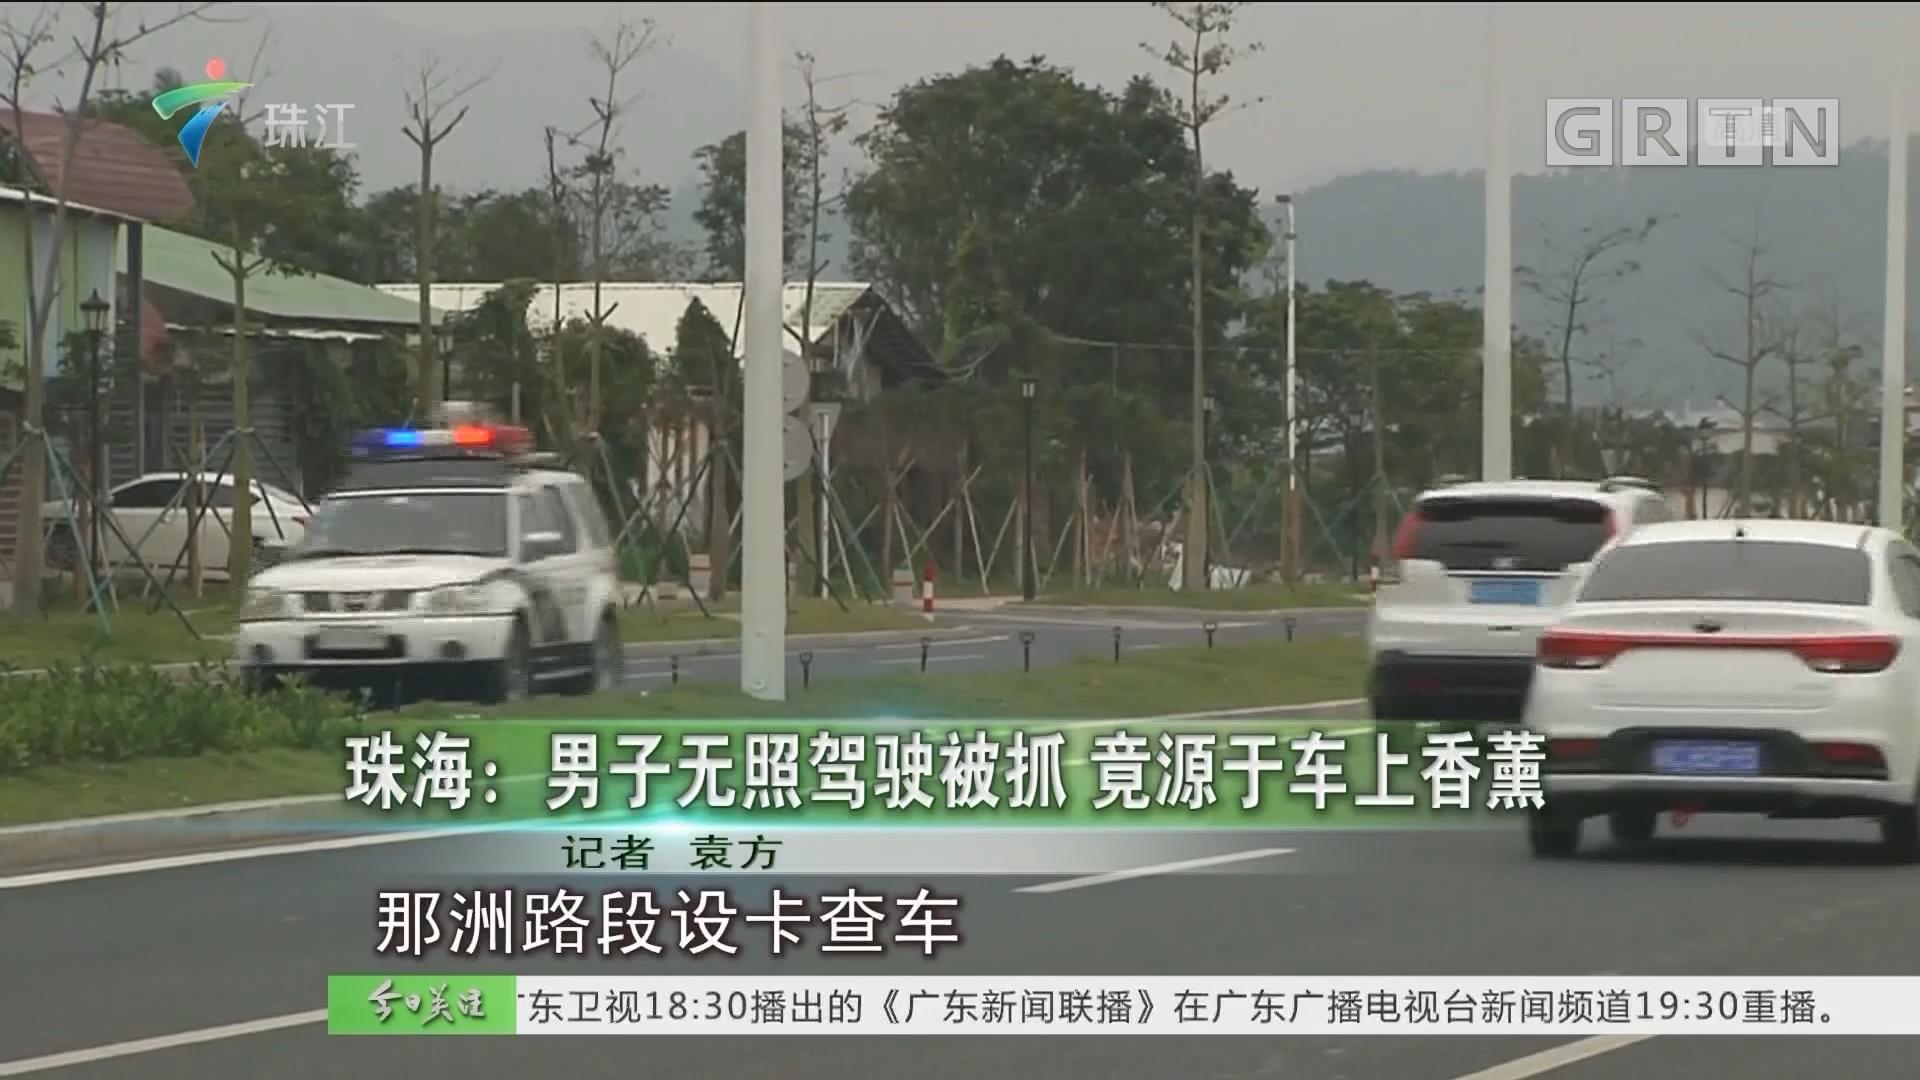 珠海:男子无照驾驶被抓 竟源于车上香薰